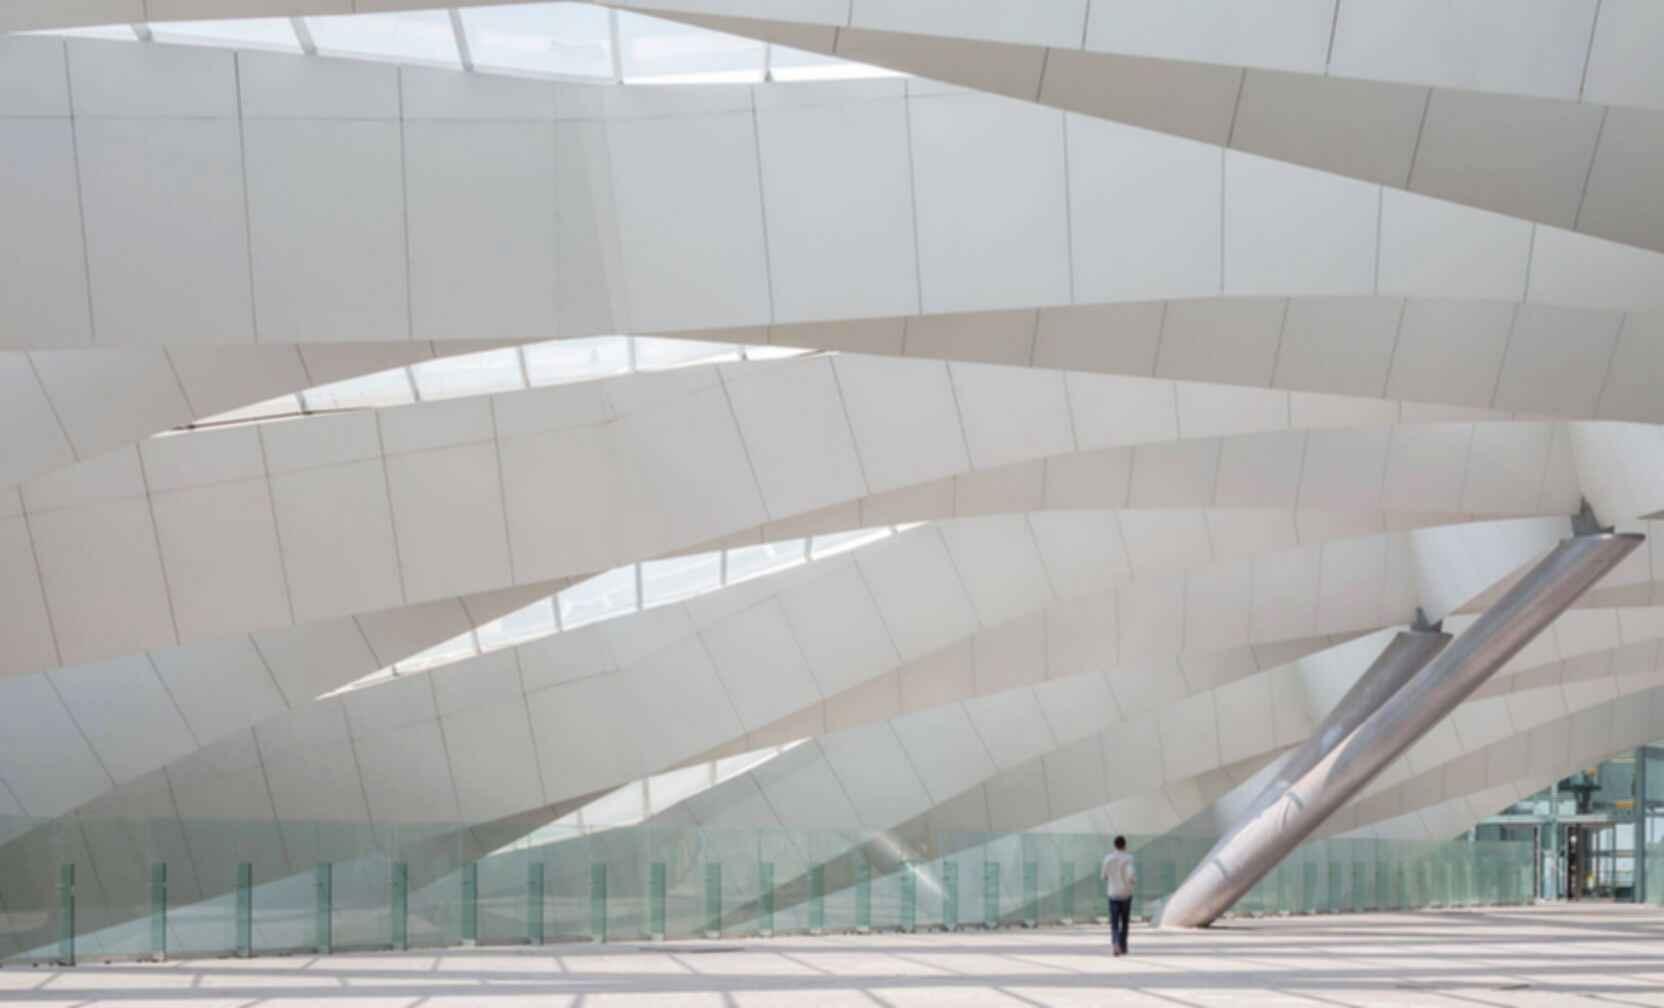 Parque Toreo - Structure